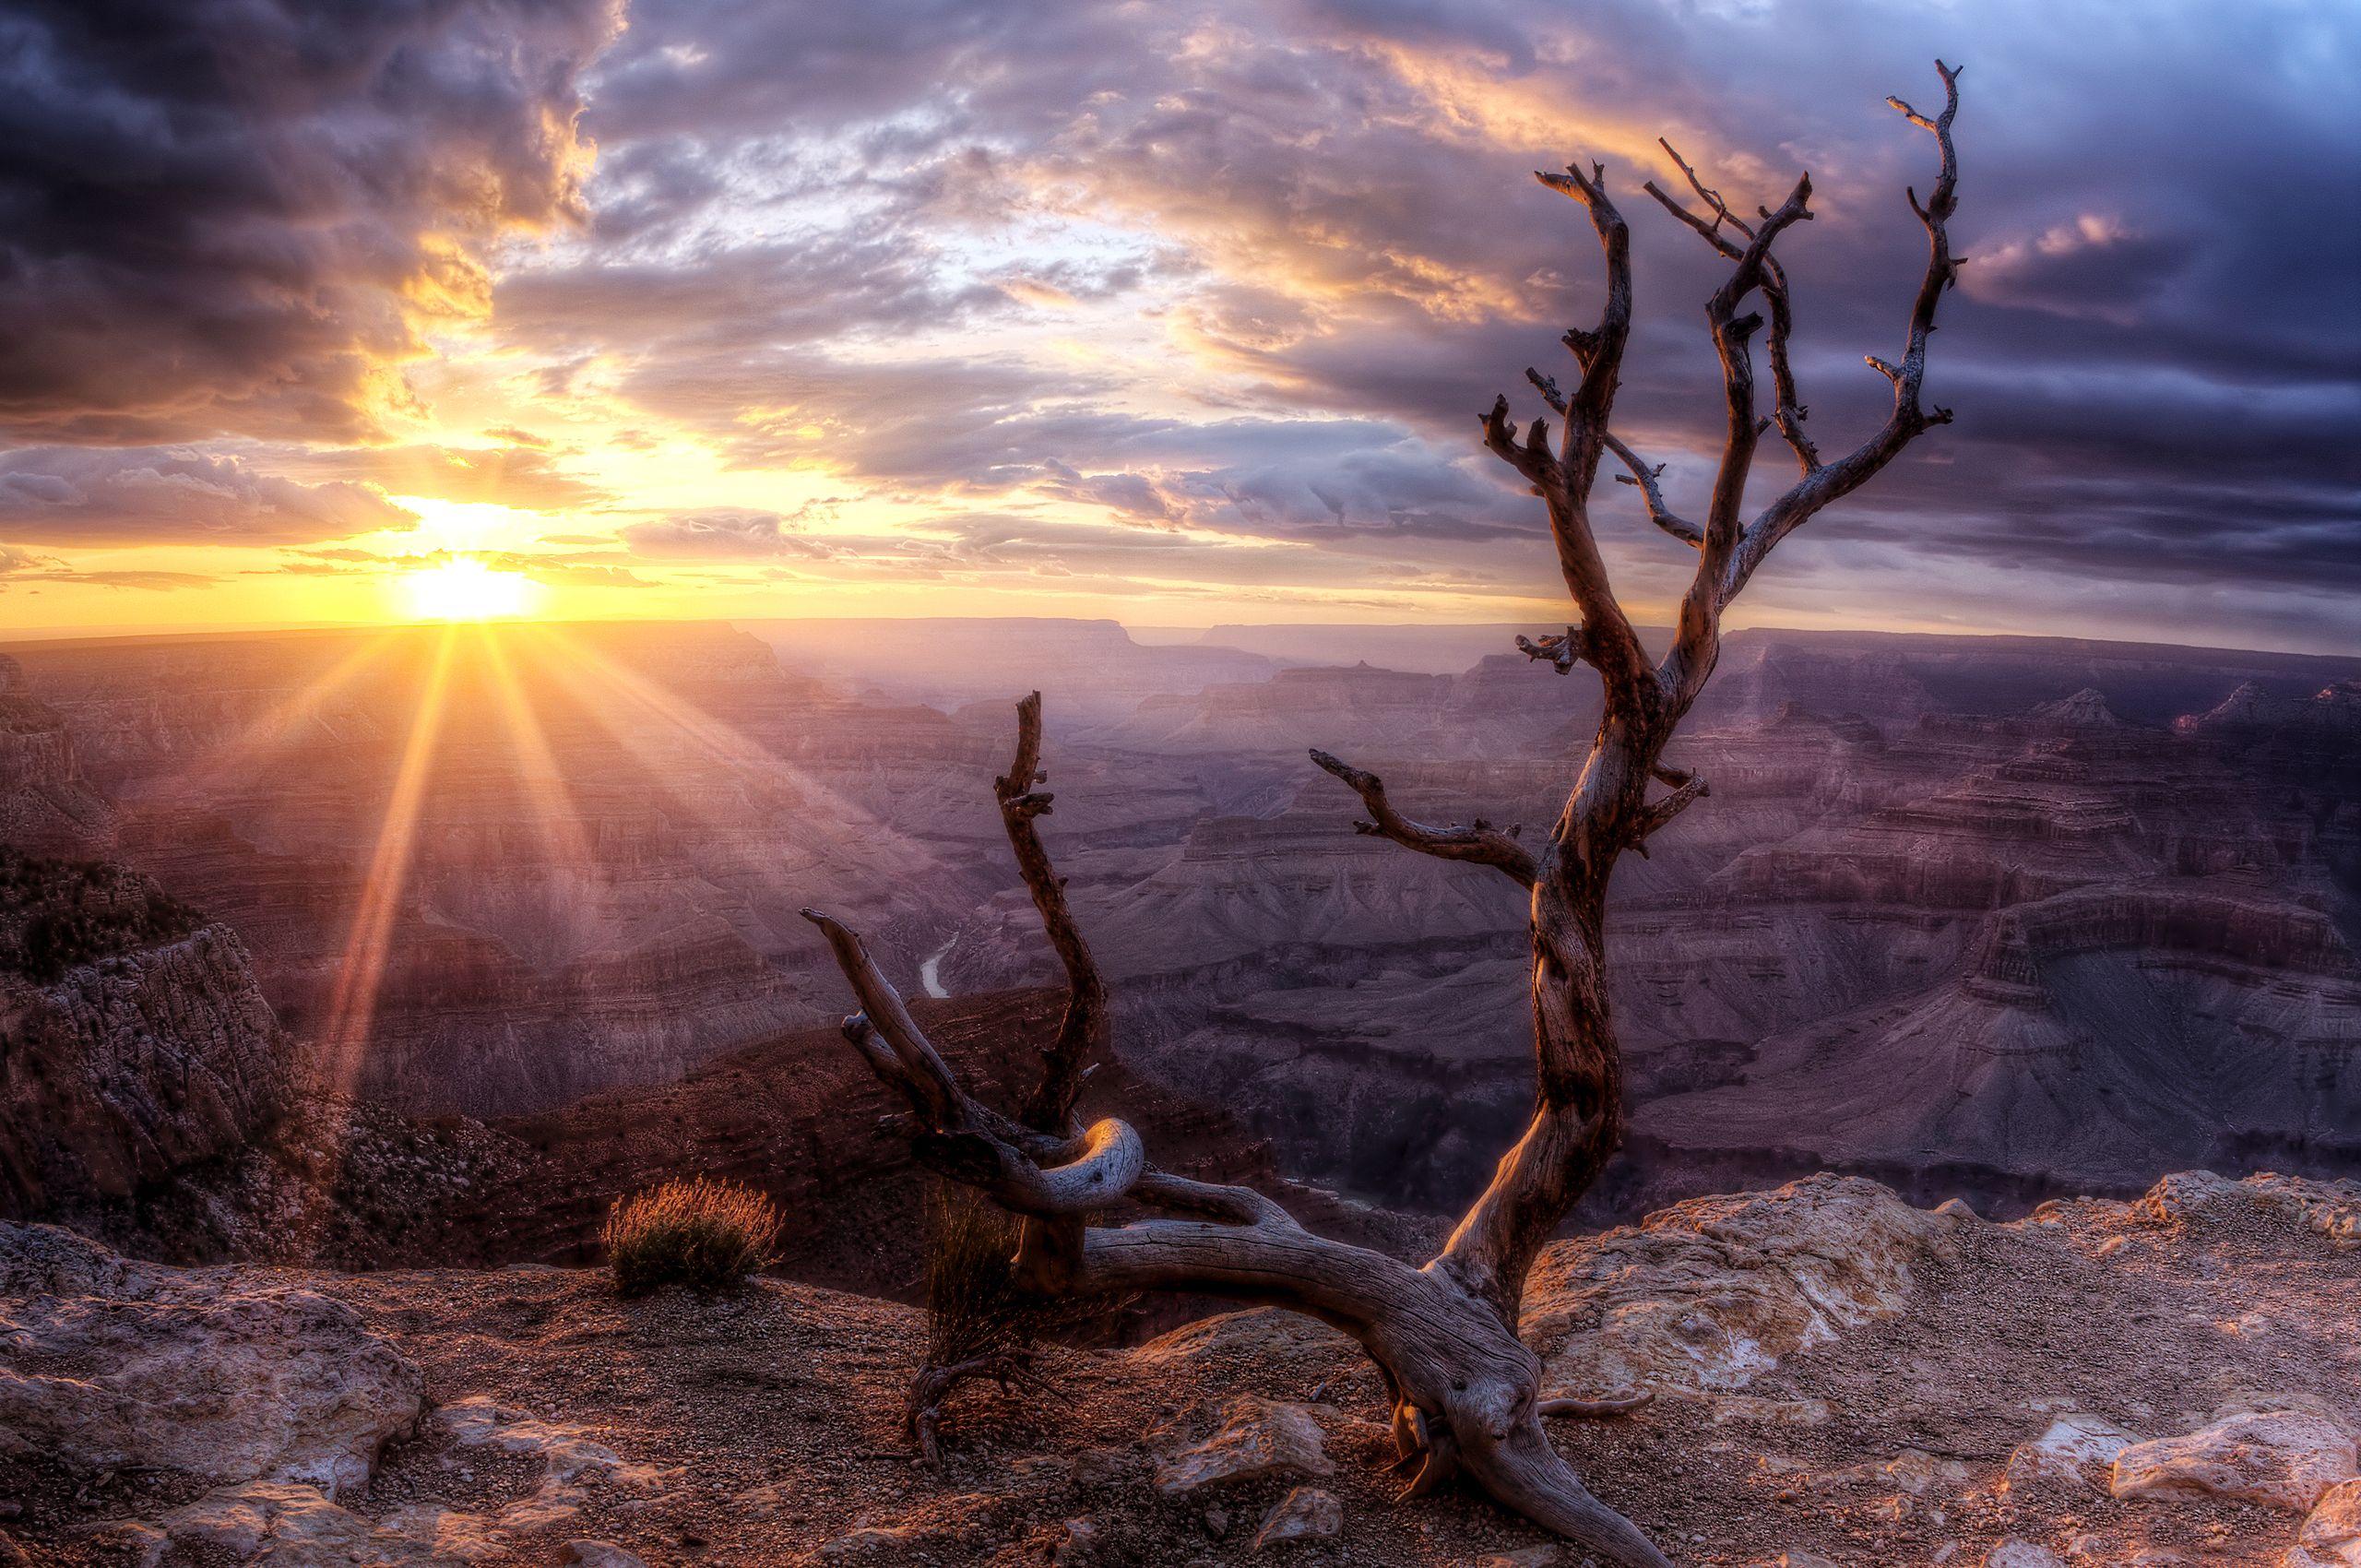 горы деревья солнце отражение русло без смс